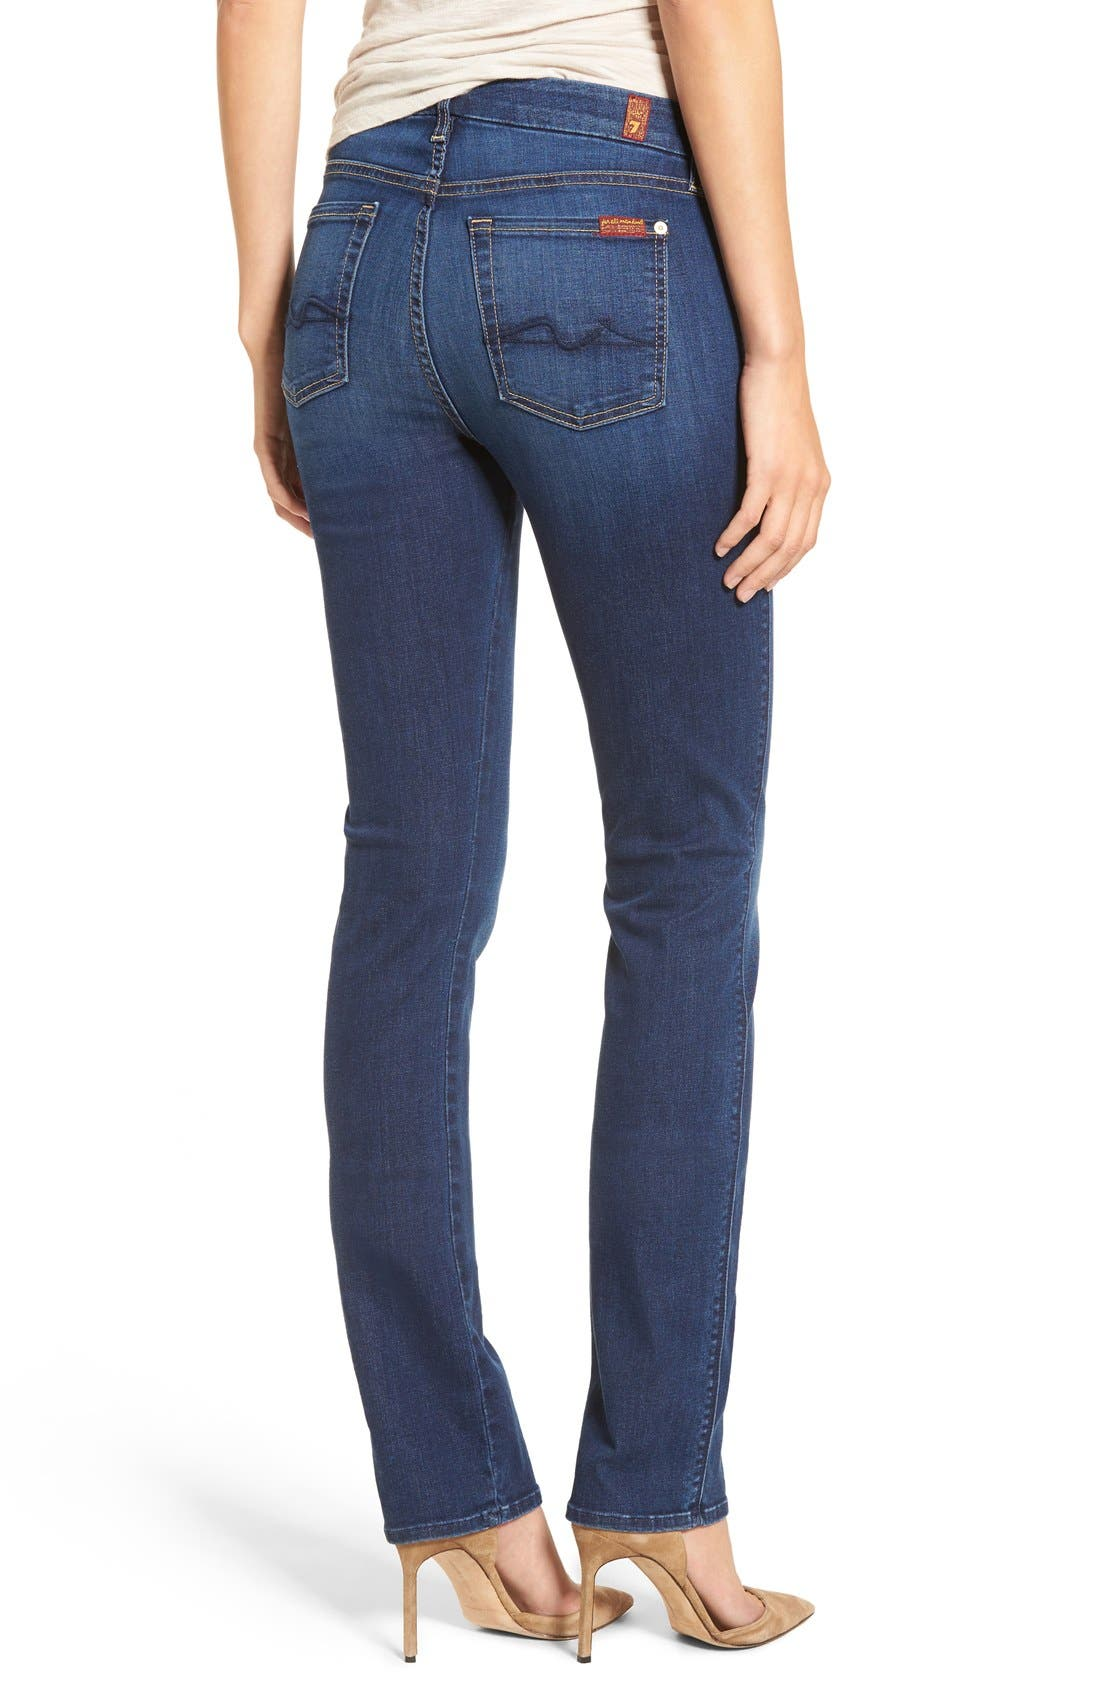 b(air) Kimmie Straight Leg Jeans,                             Alternate thumbnail 2, color,                             DUCHESS